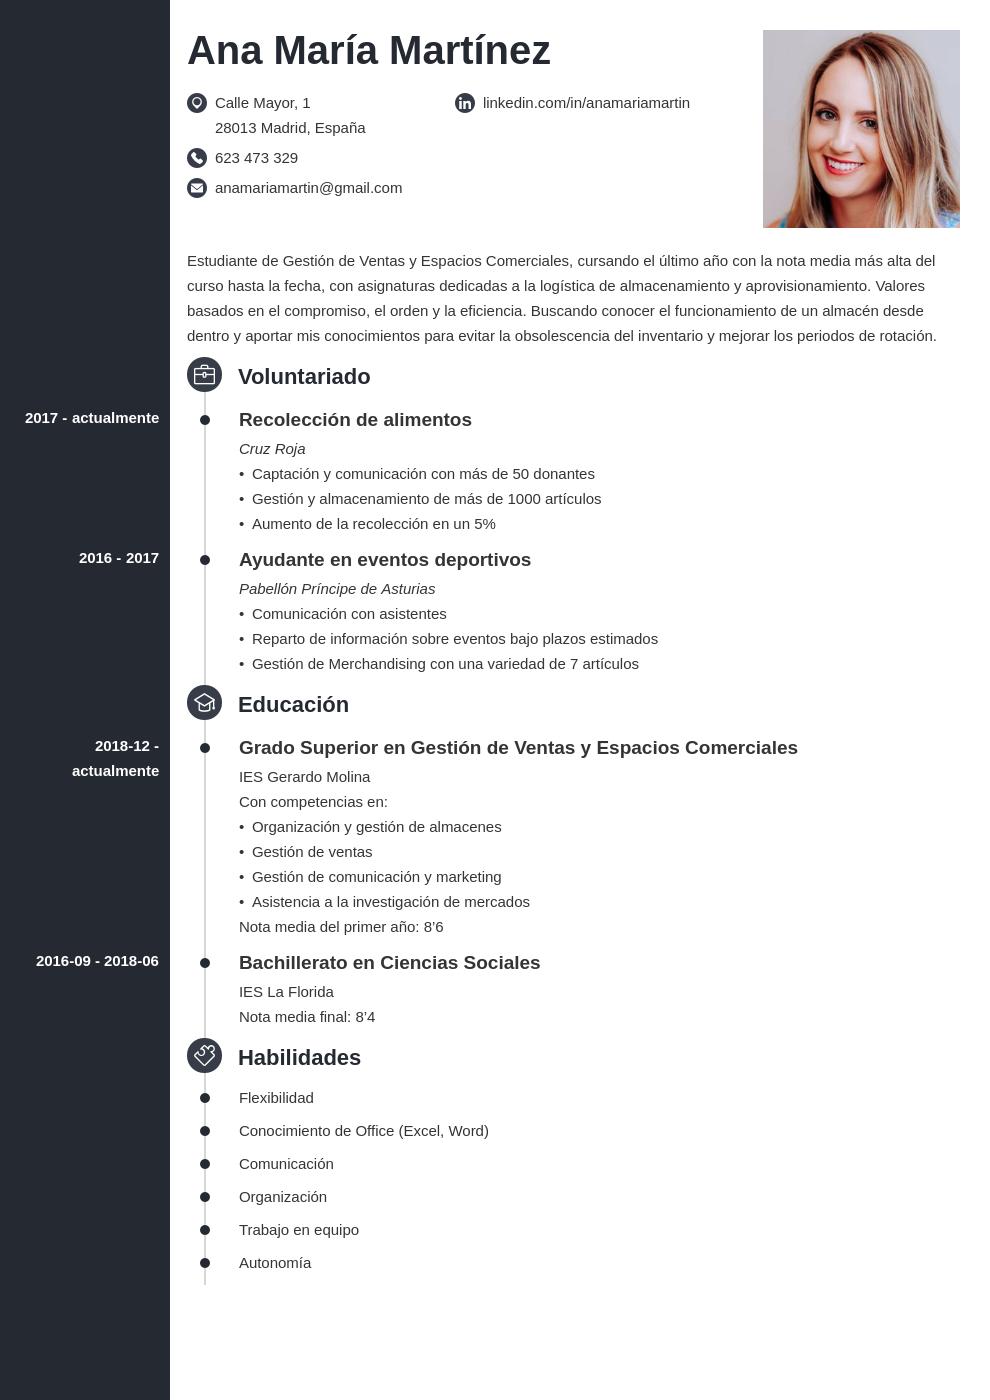 Curriculum Vitae Sin Experiencia Ejemplos Guía Plantillas